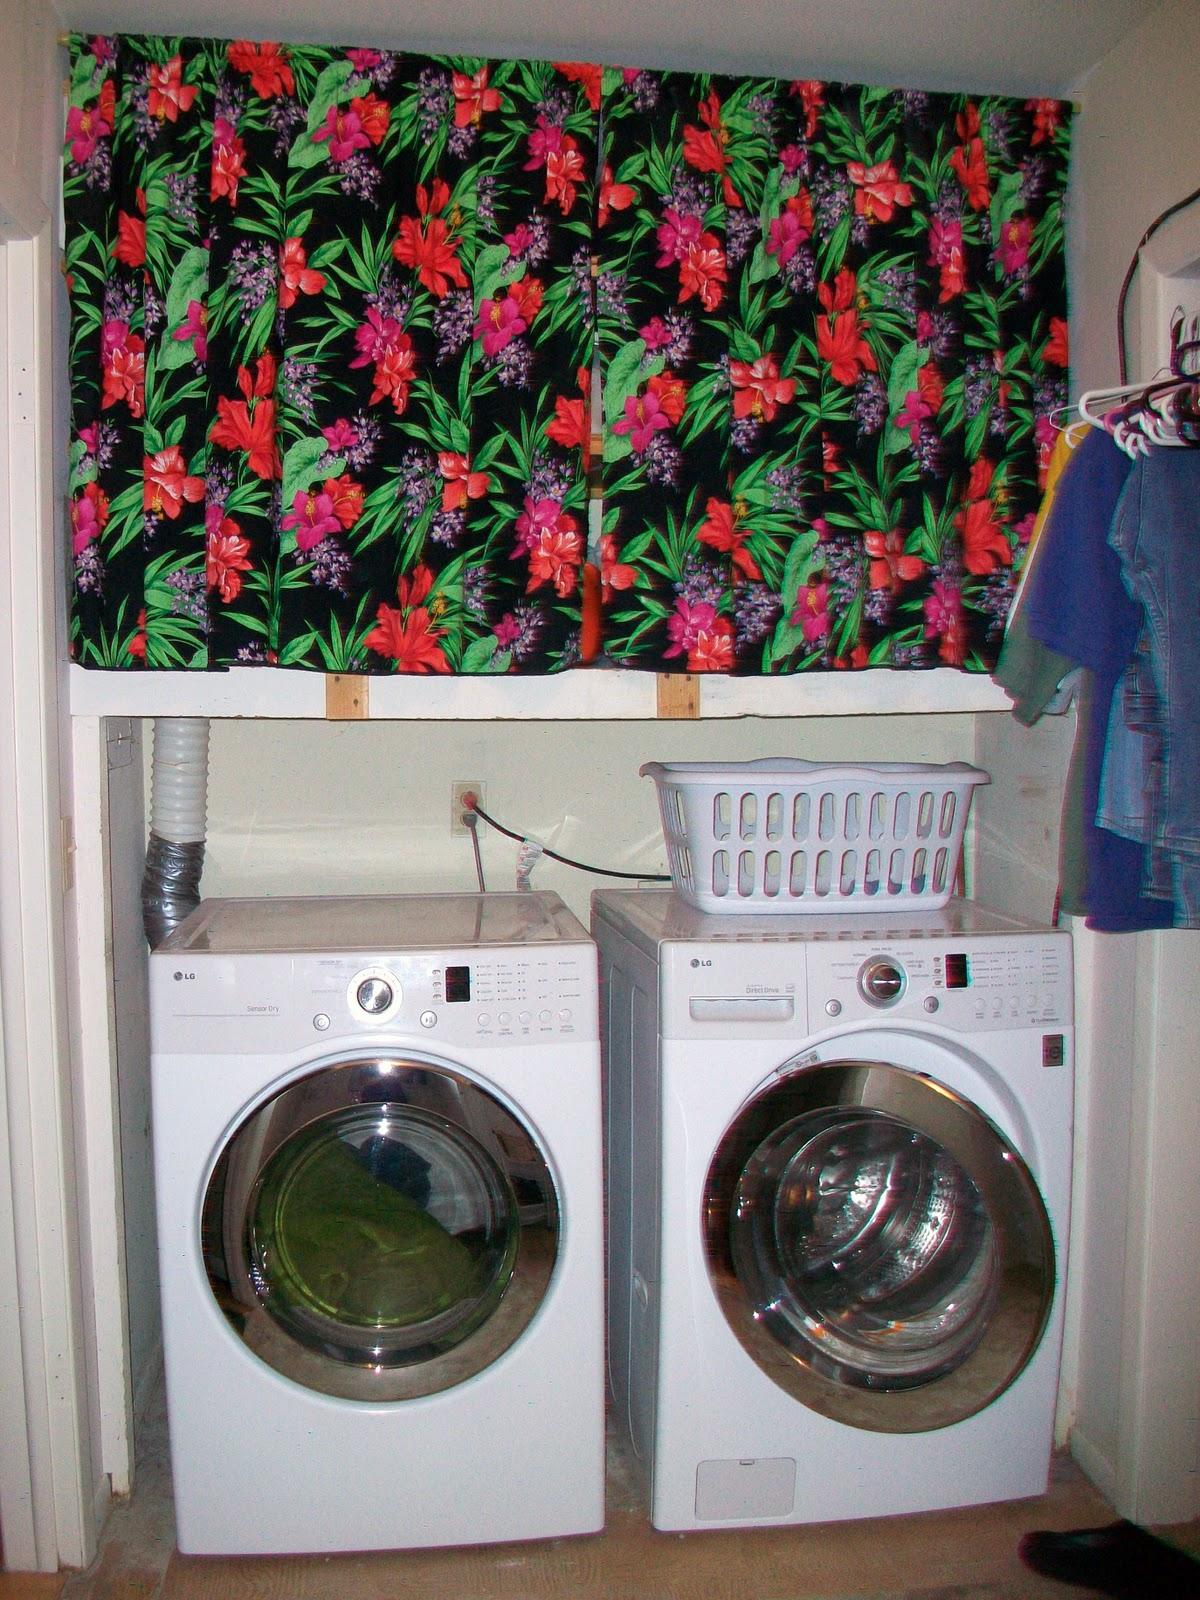 FlyAwayHome Laundry room overhaul